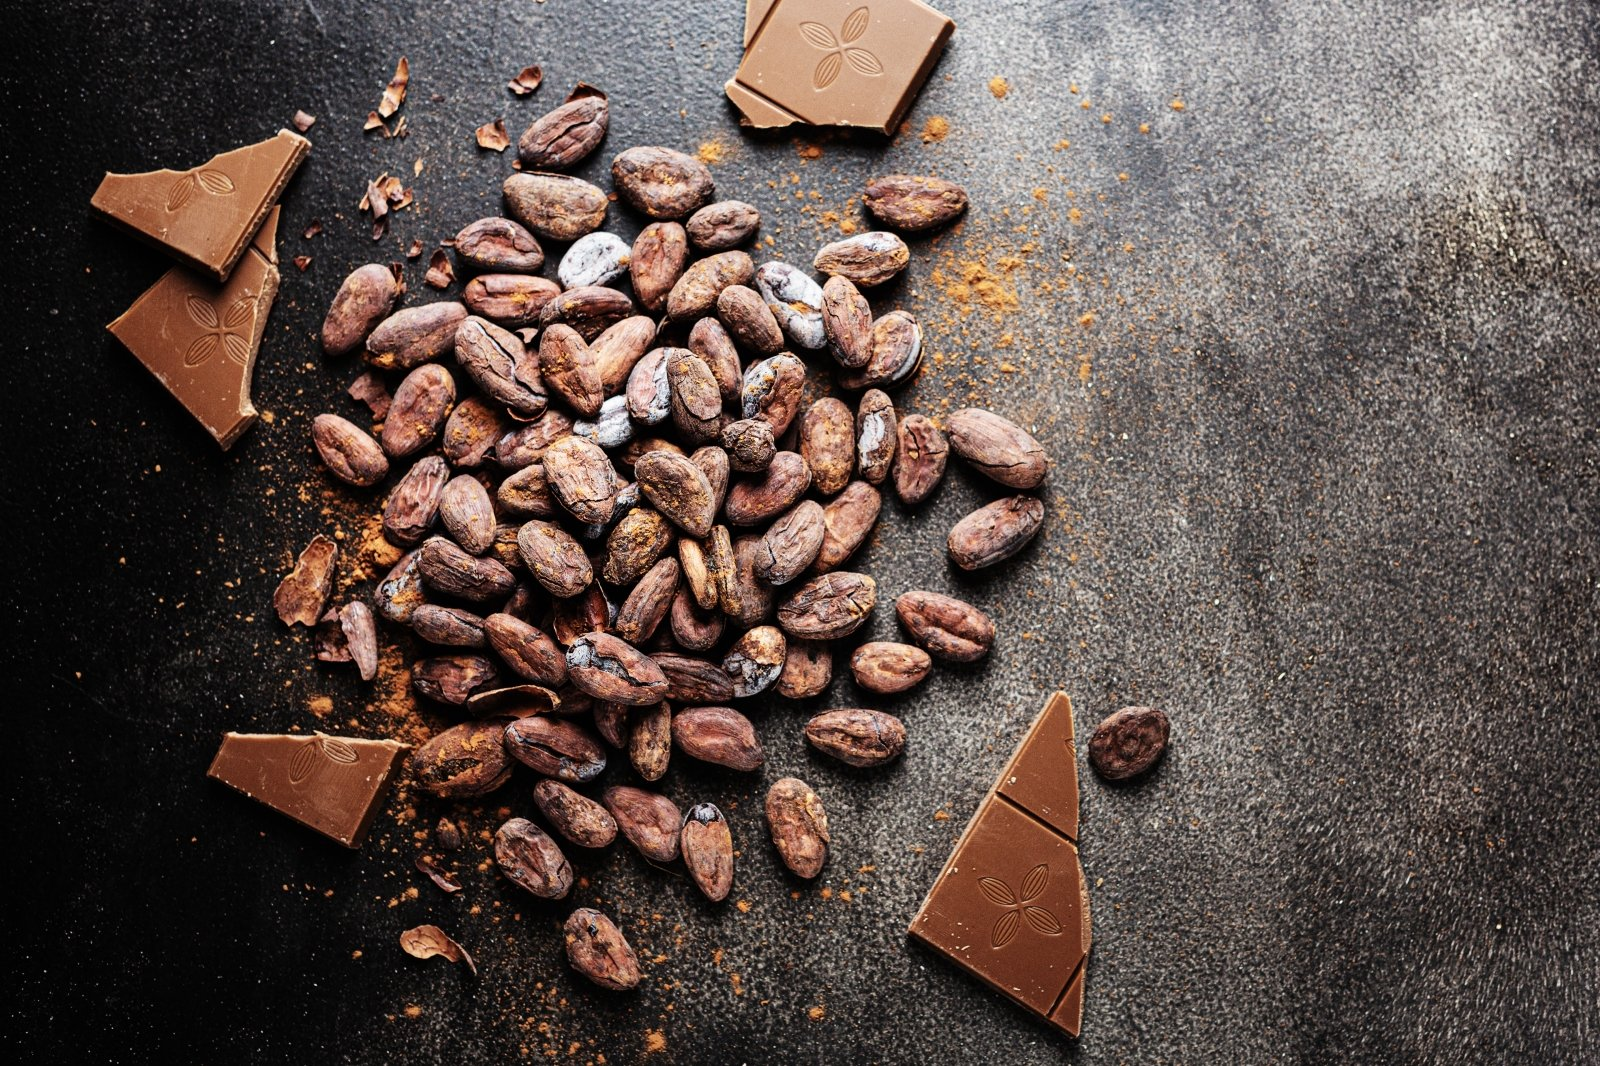 Juodasis šokoladas gali sumažinti aritmijos riziką | jusukalve.lt